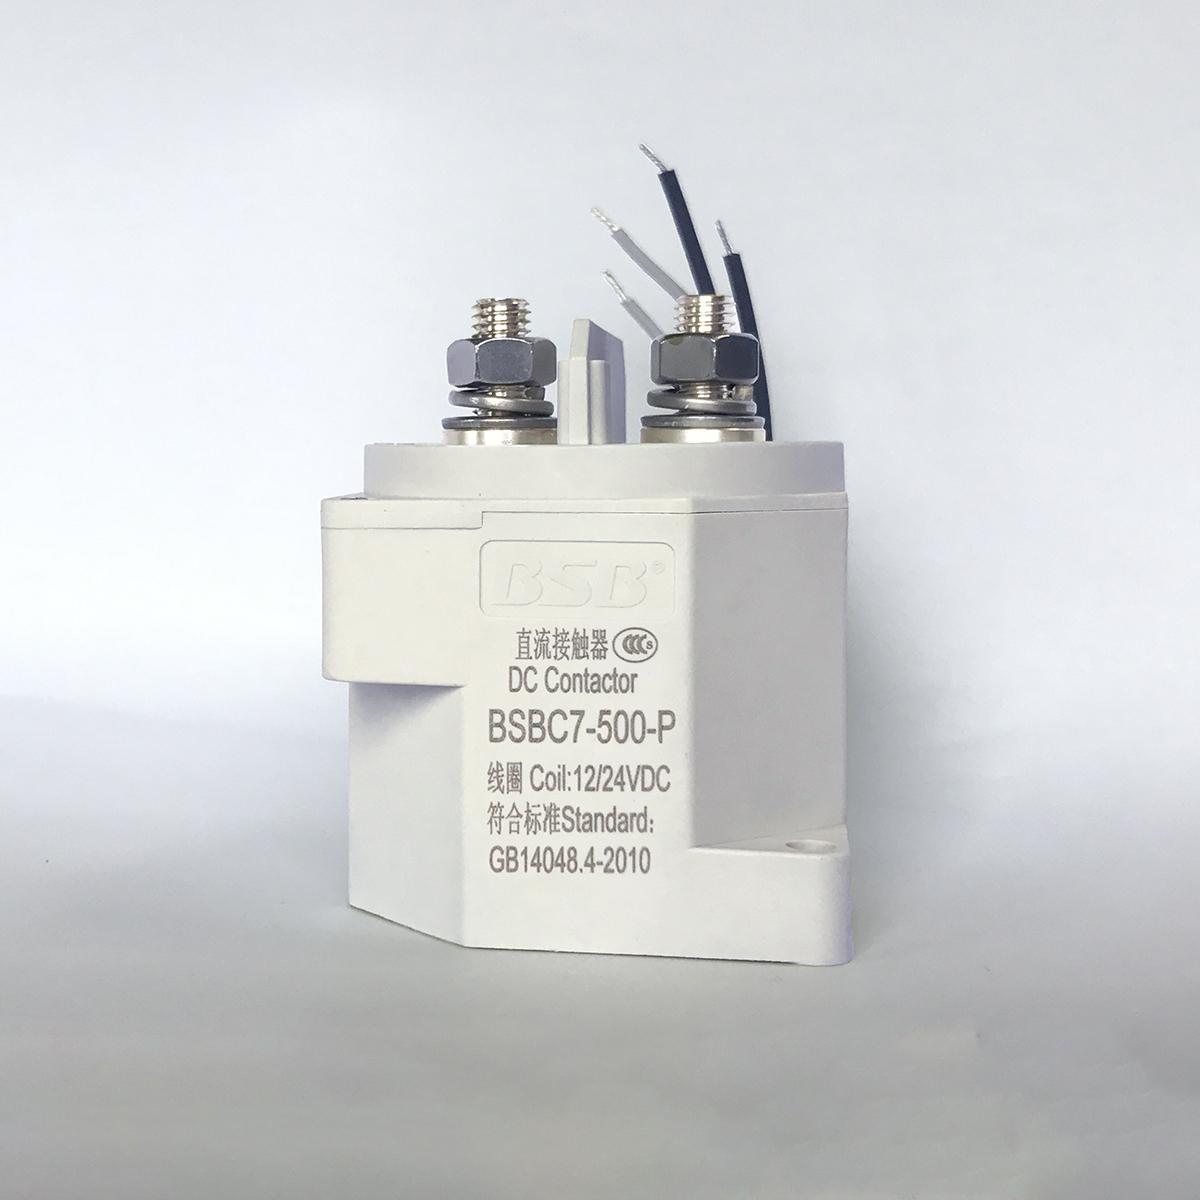 百事宝直流高压接触器BSBC7-500-P